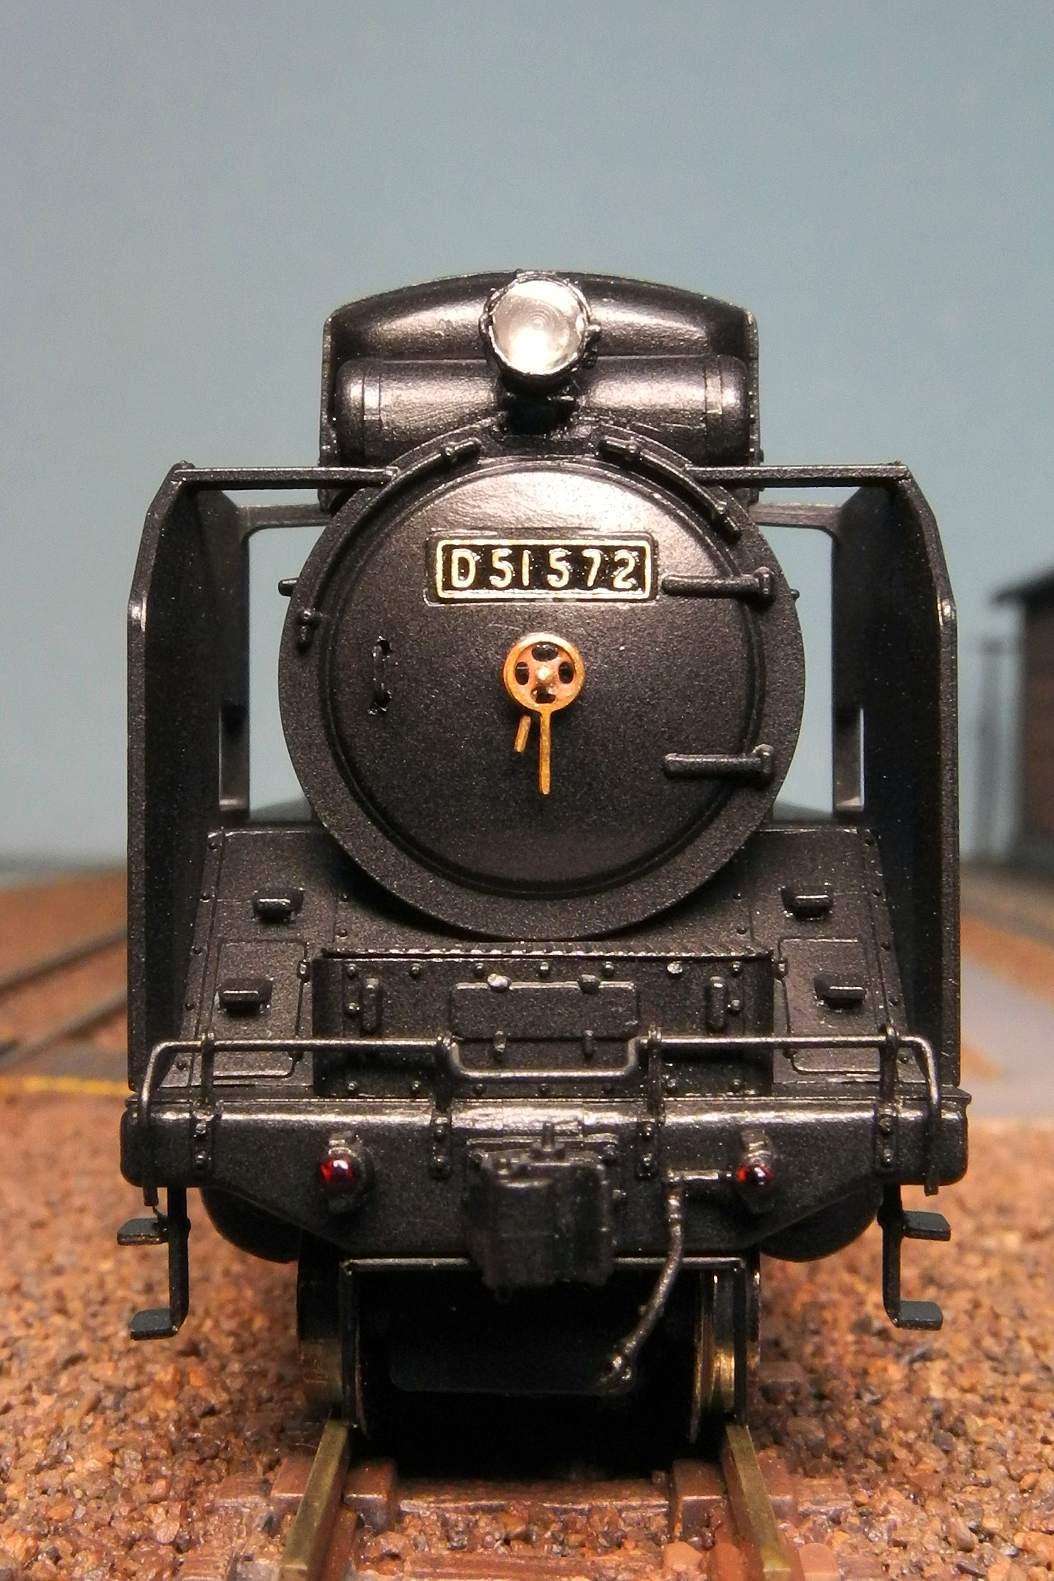 DSCN6954-1.jpg